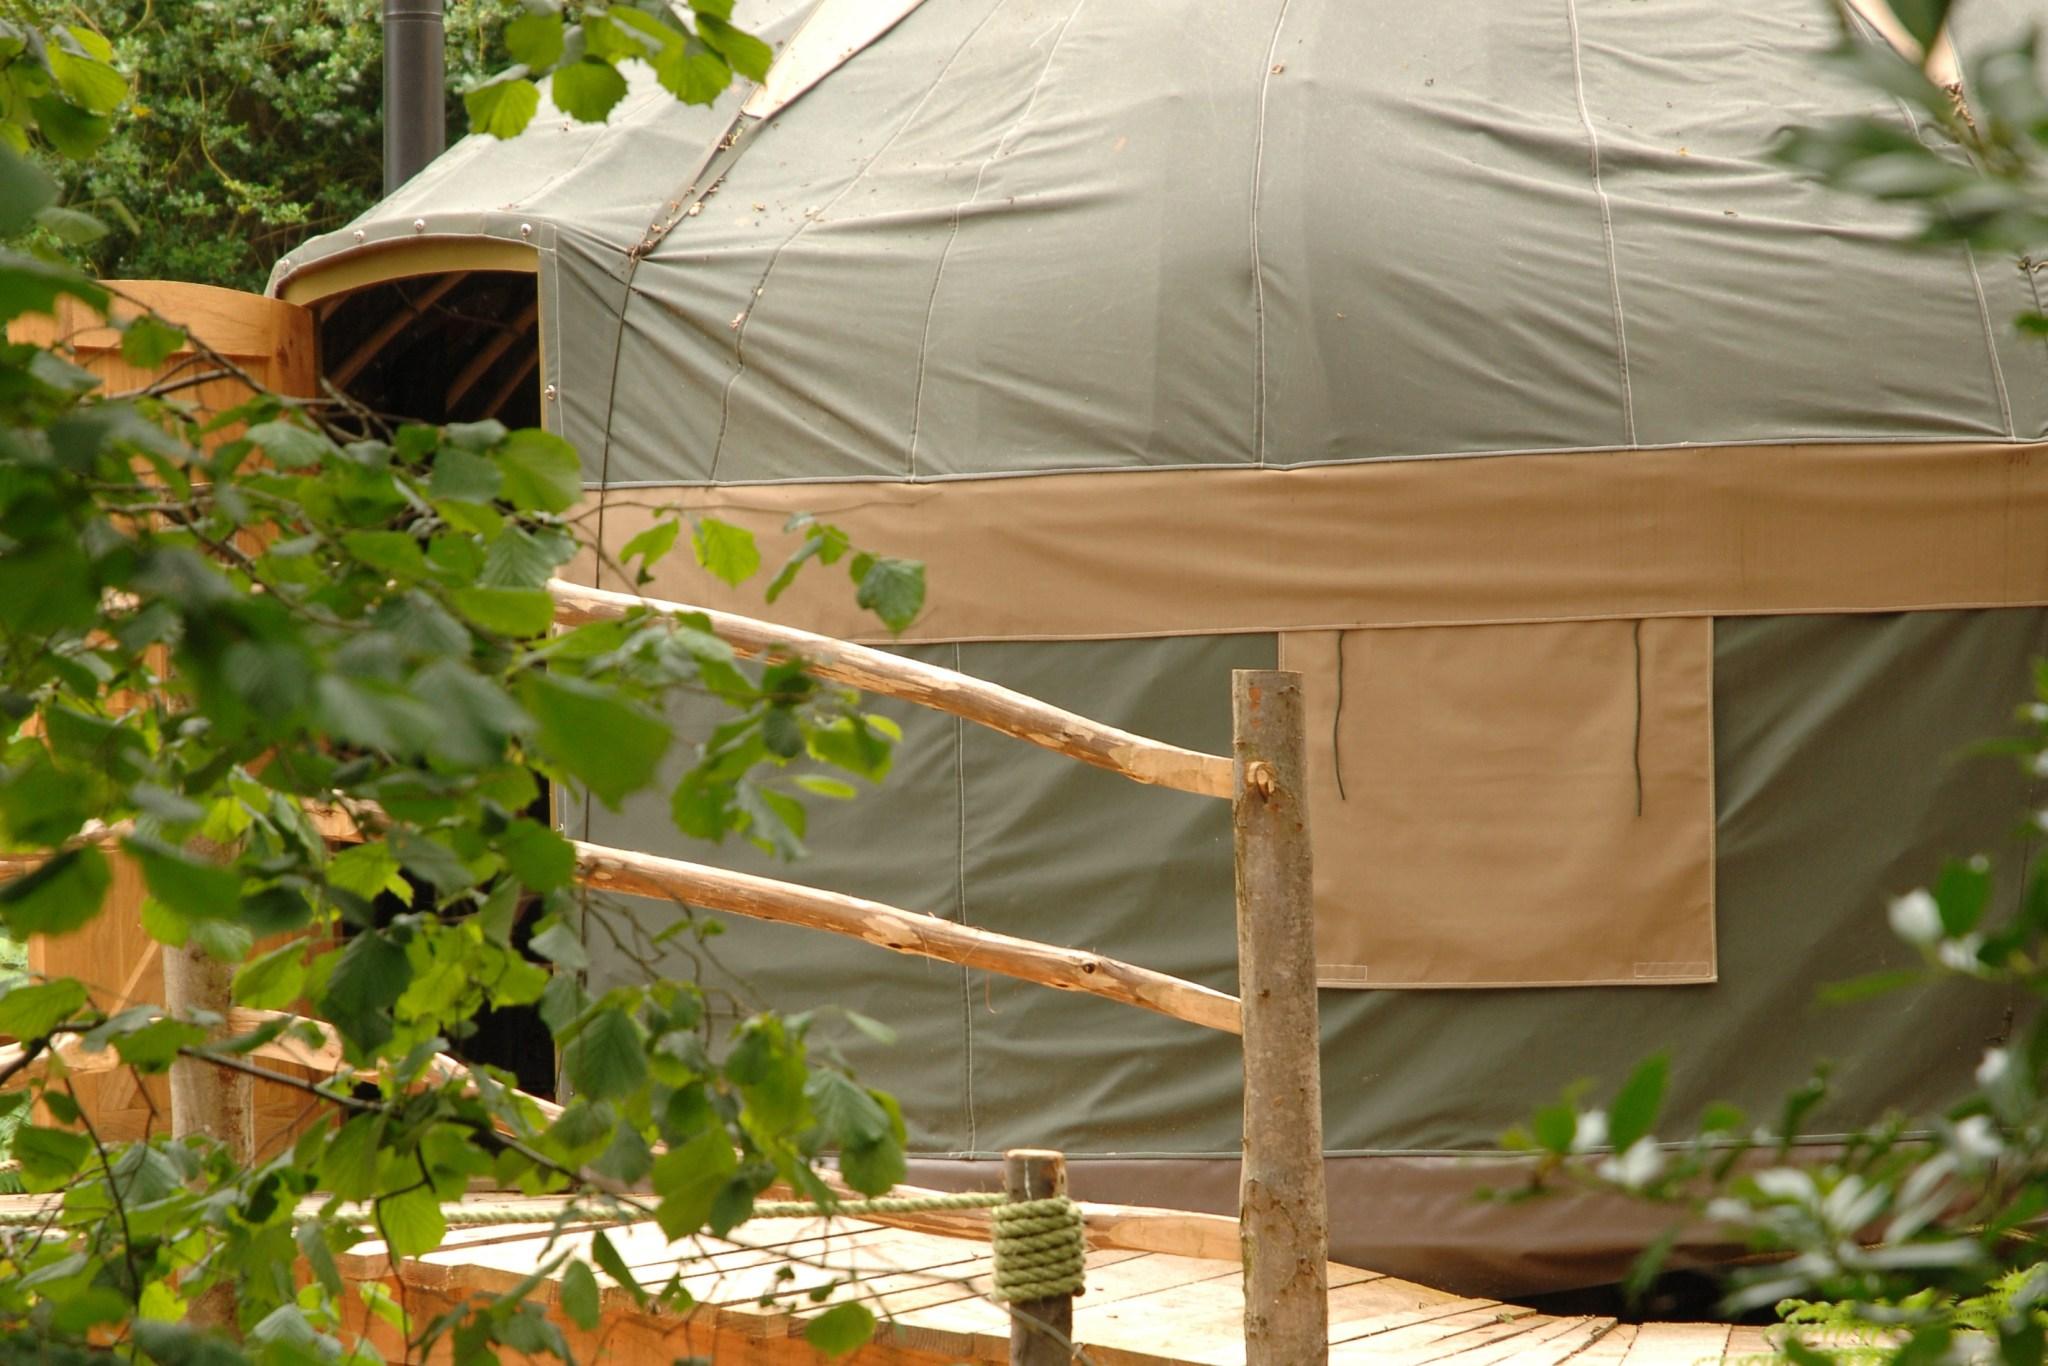 Poppet the Yurt